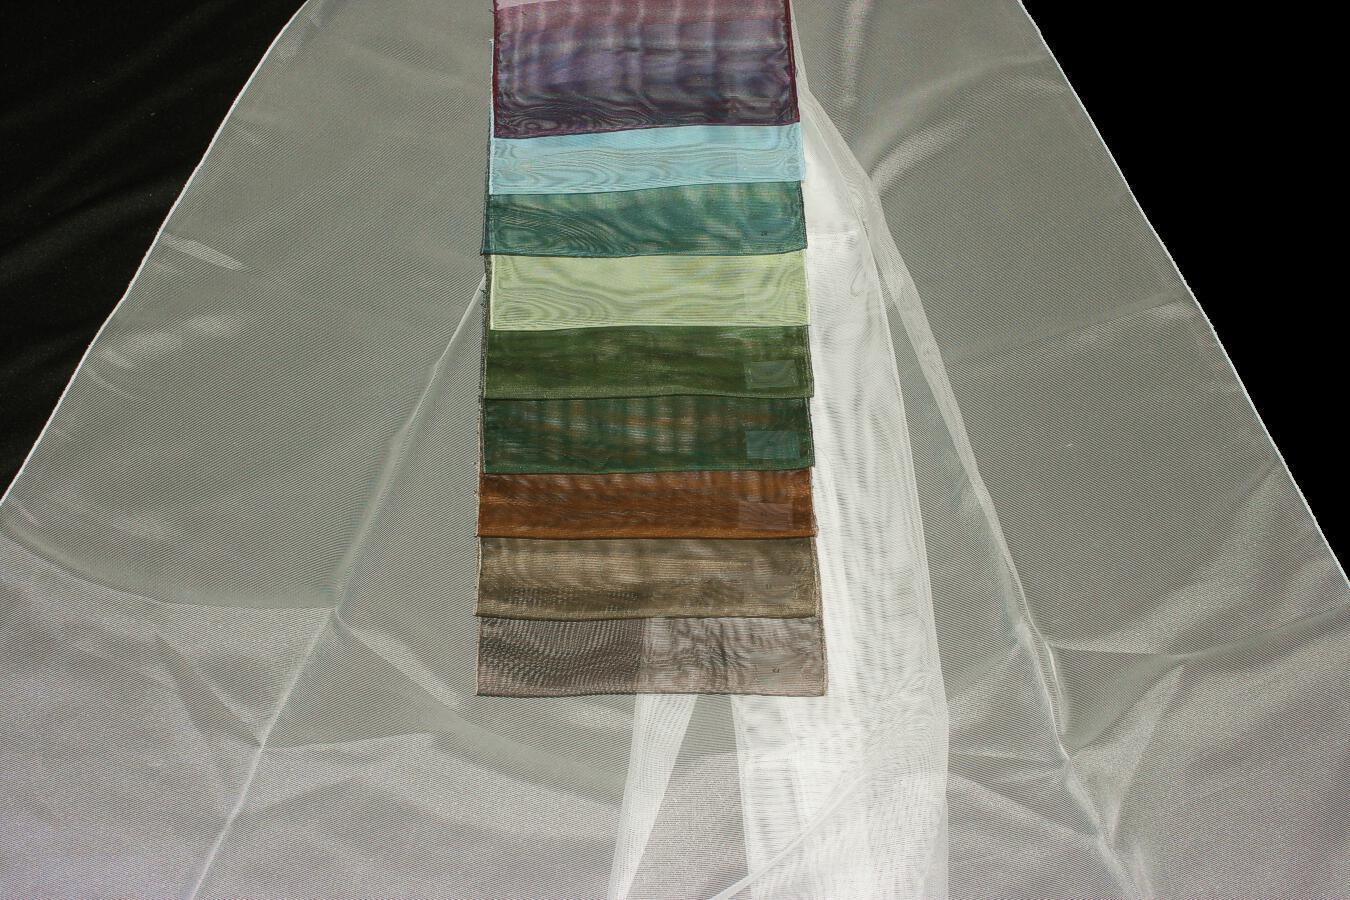 Záclona 2888 Šíře: 300 cm 50 smetanová